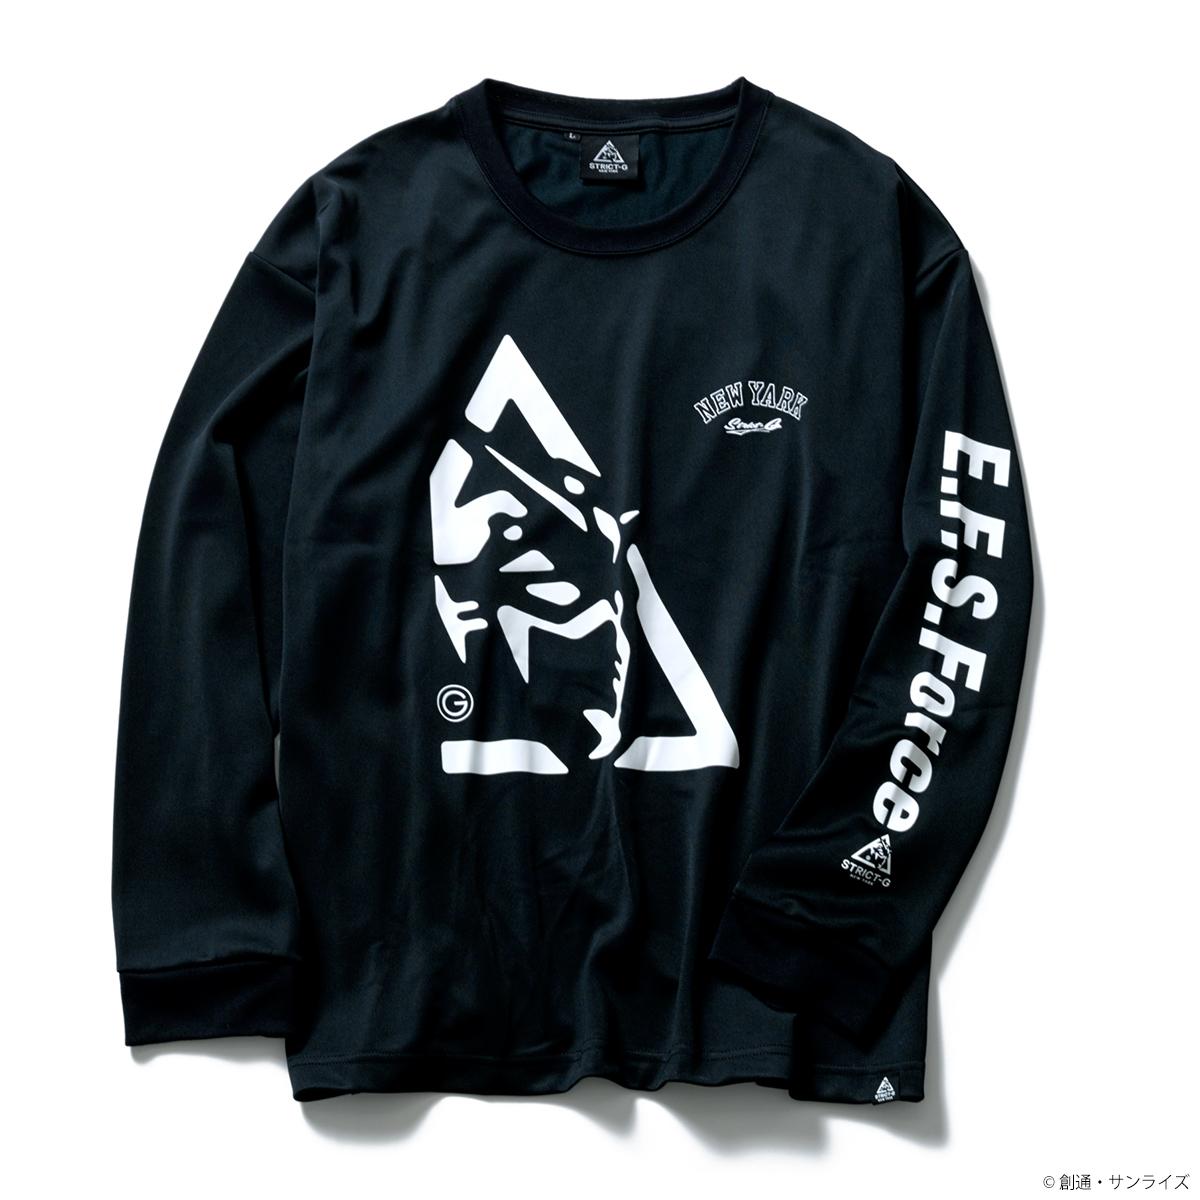 STRICT-G NEW YARK オーバーサイズドライ長袖Tシャツ E.F.S.FORCE